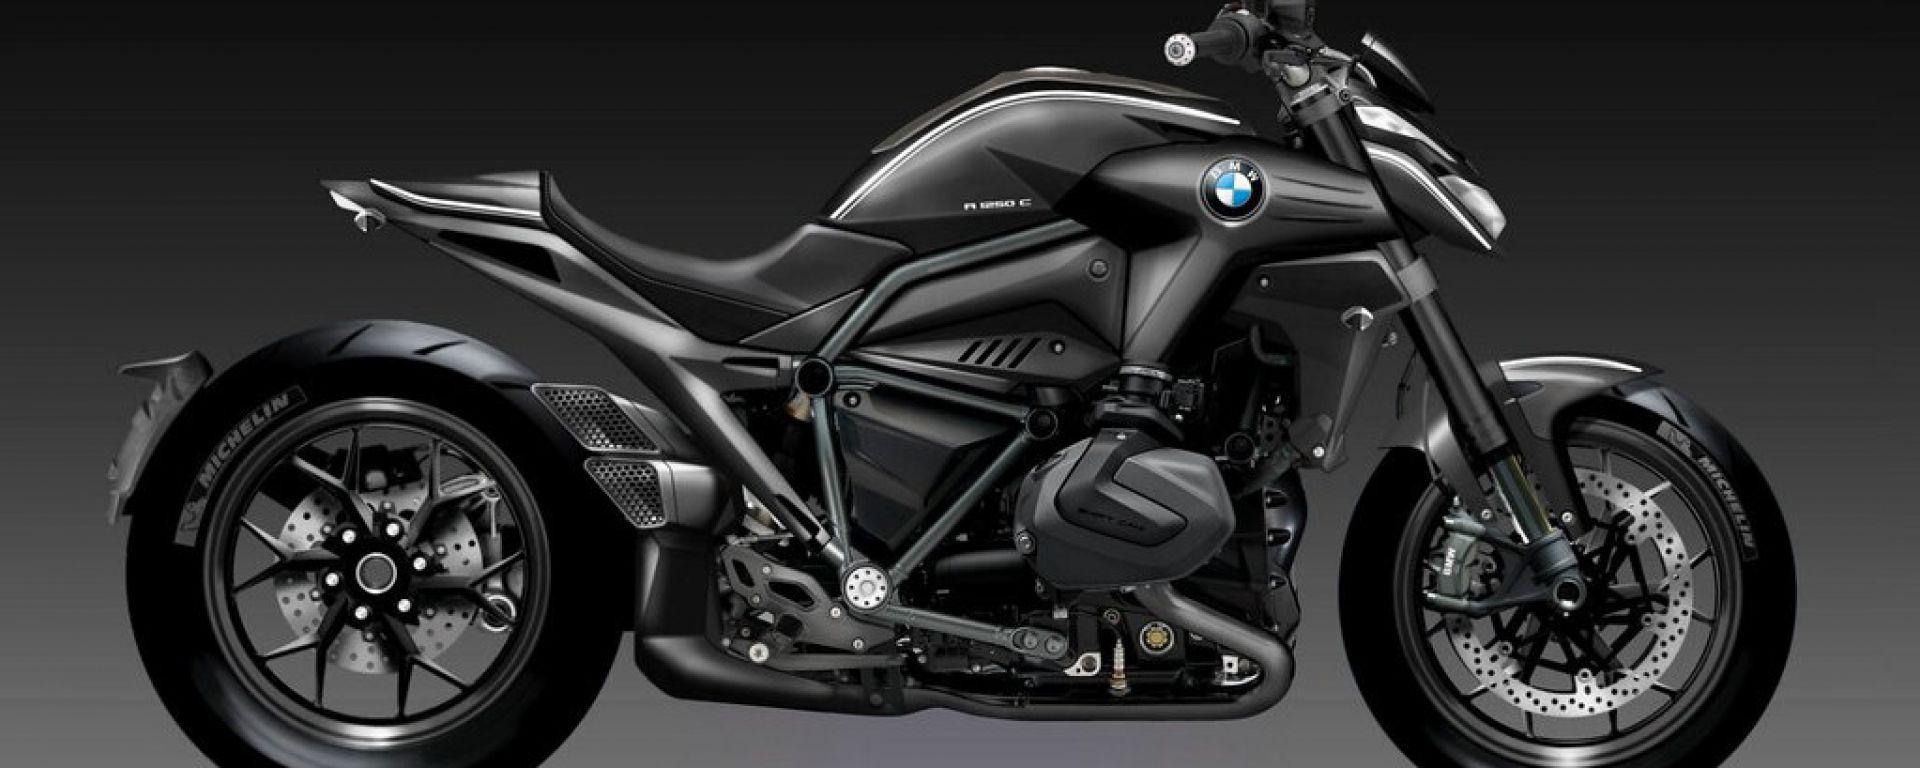 BMW R 1250 C: per ora è solo un concept